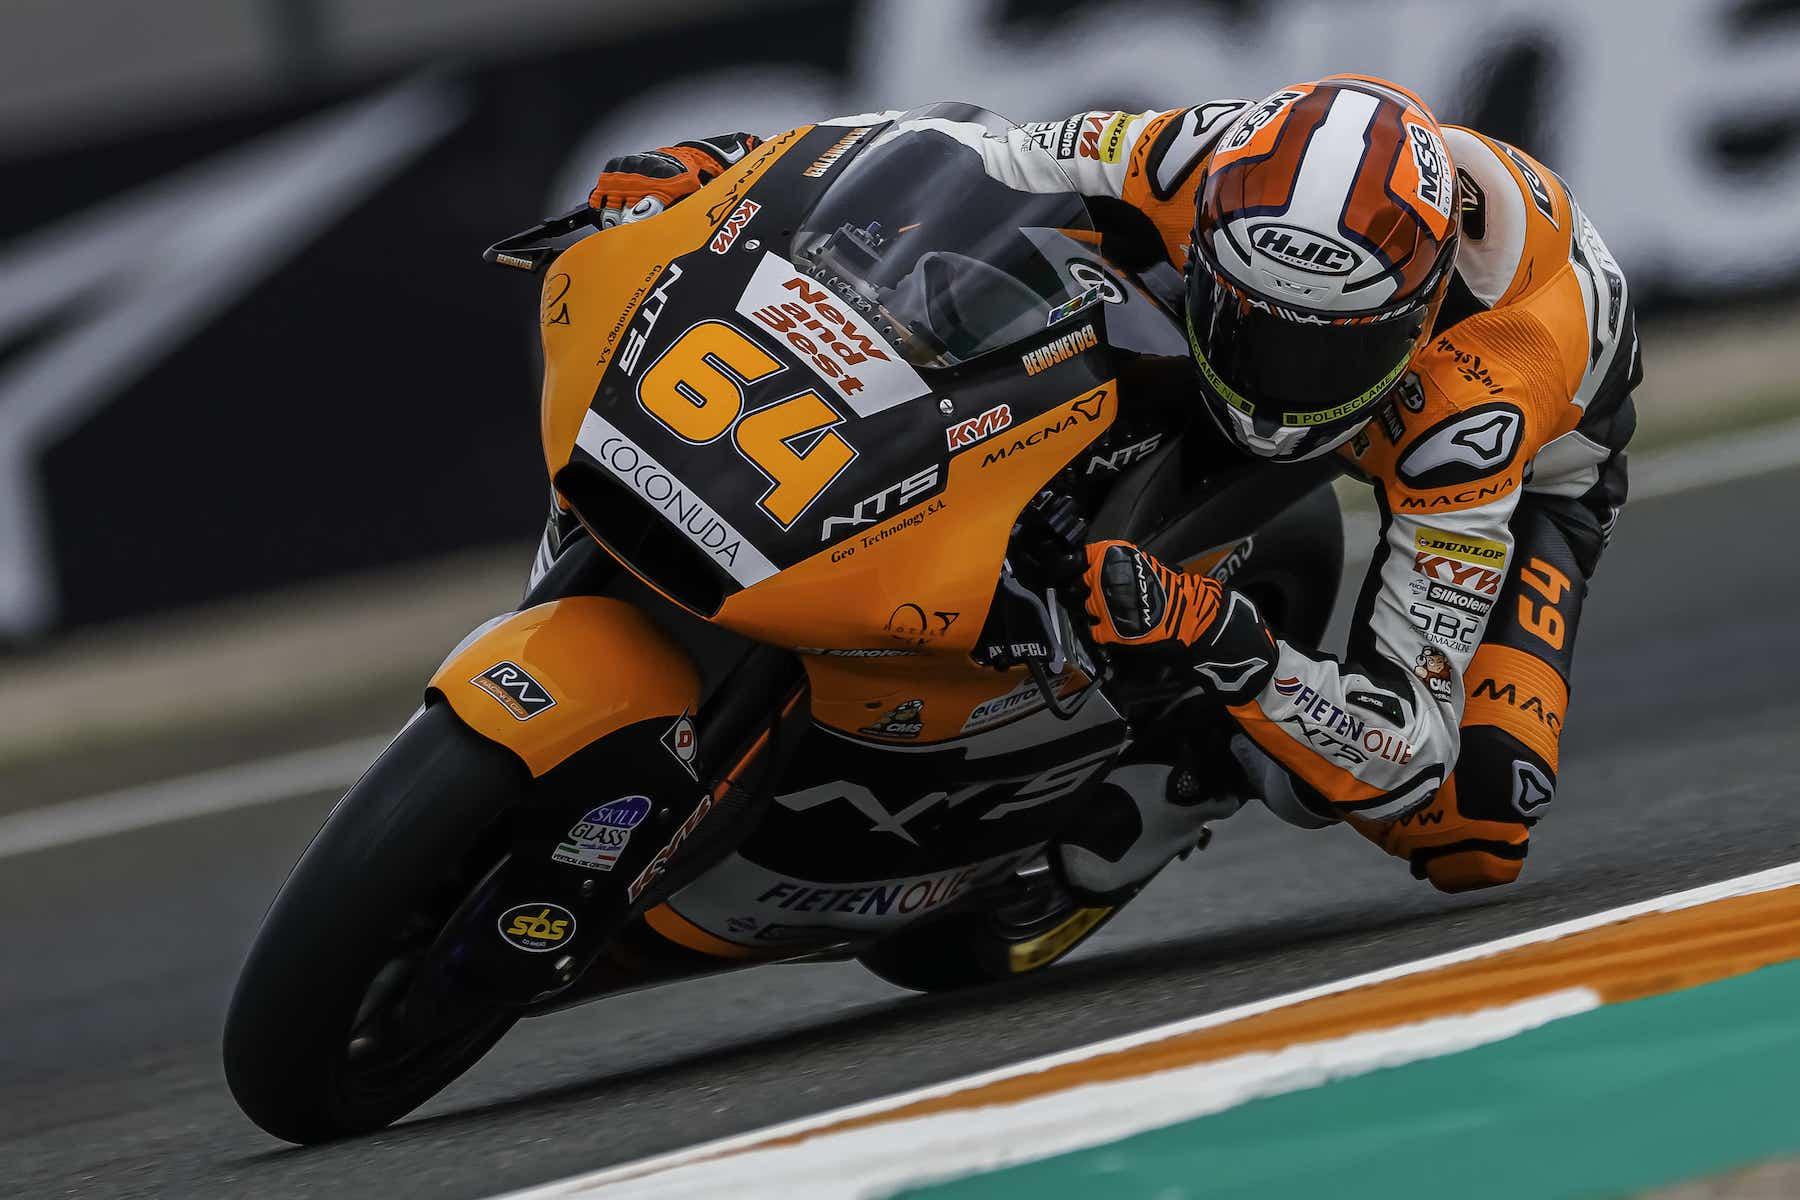 ヨーロッパGP NTS RW Racing GP 公式練習1、公式練習2レポート